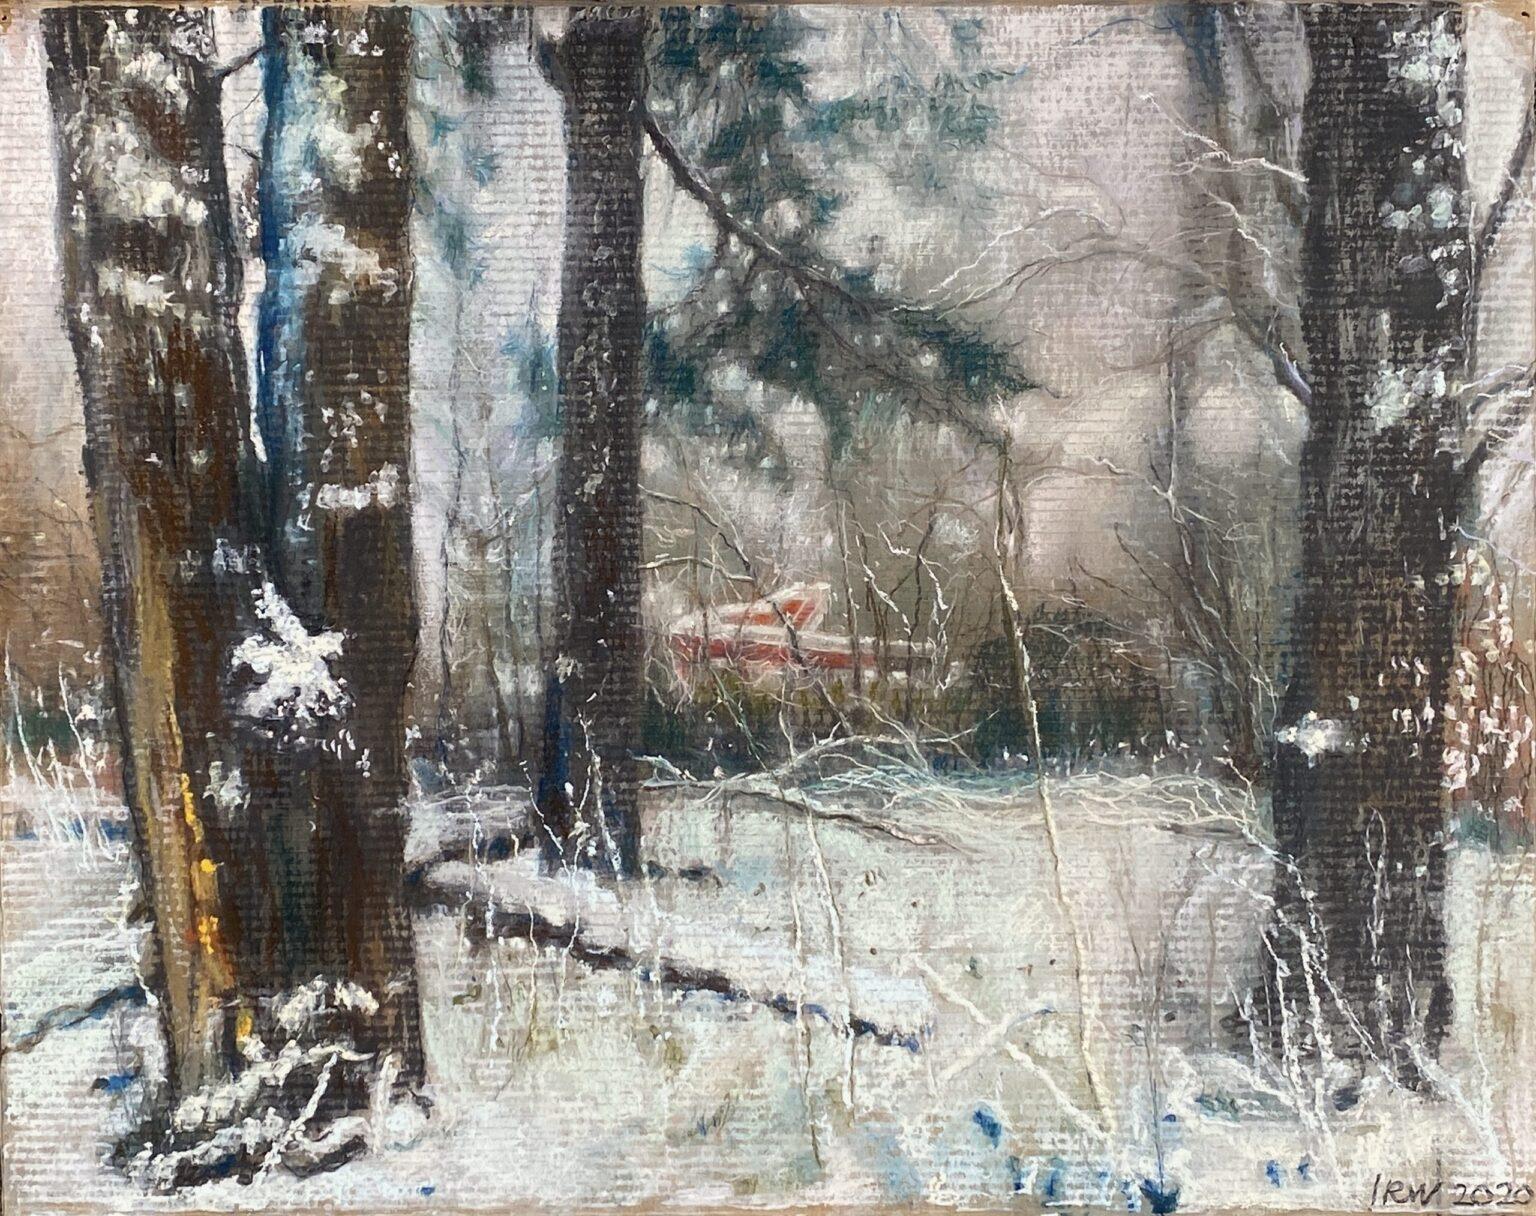 pasteltekening op karton glijbaan sneeuw piezografie